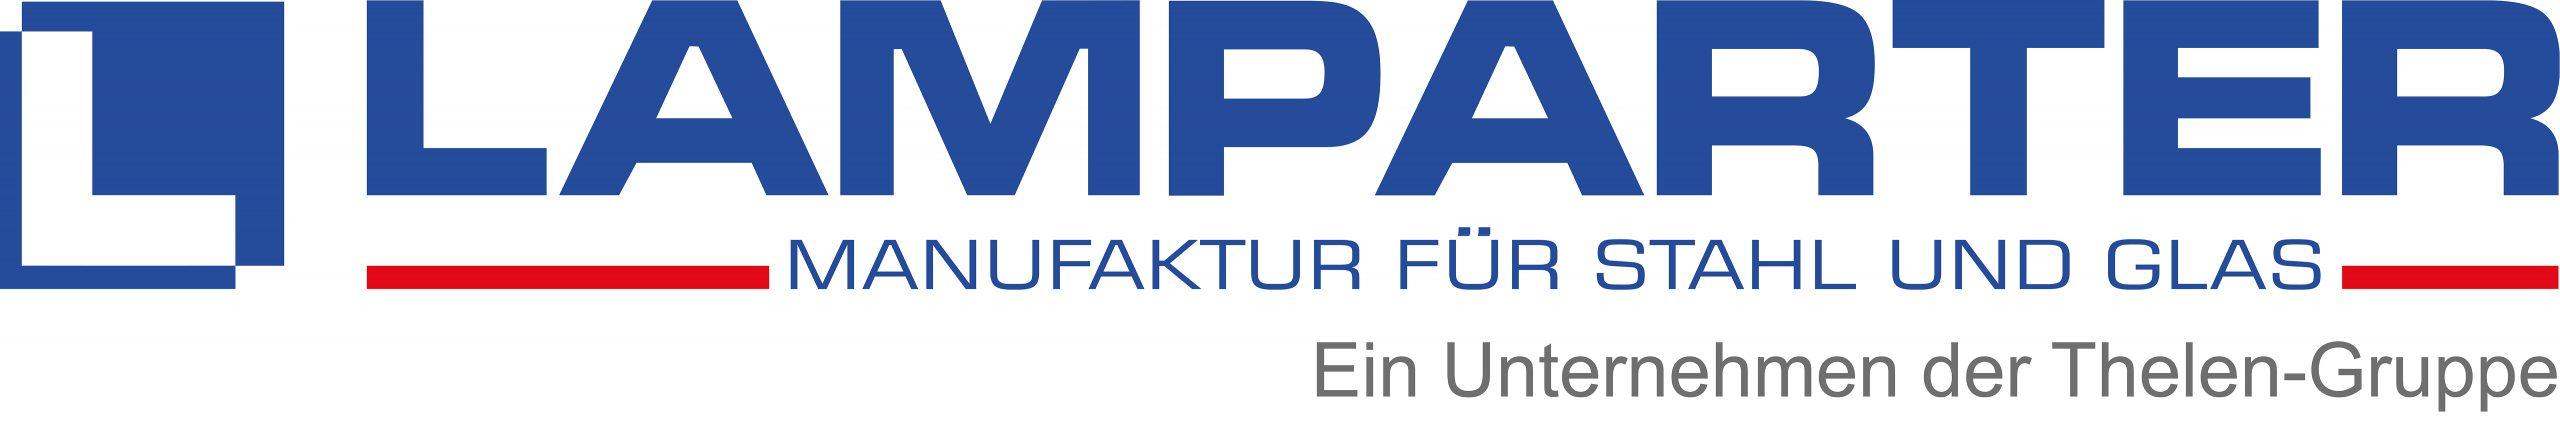 Logo Lamparter mit Manufaktur 8K